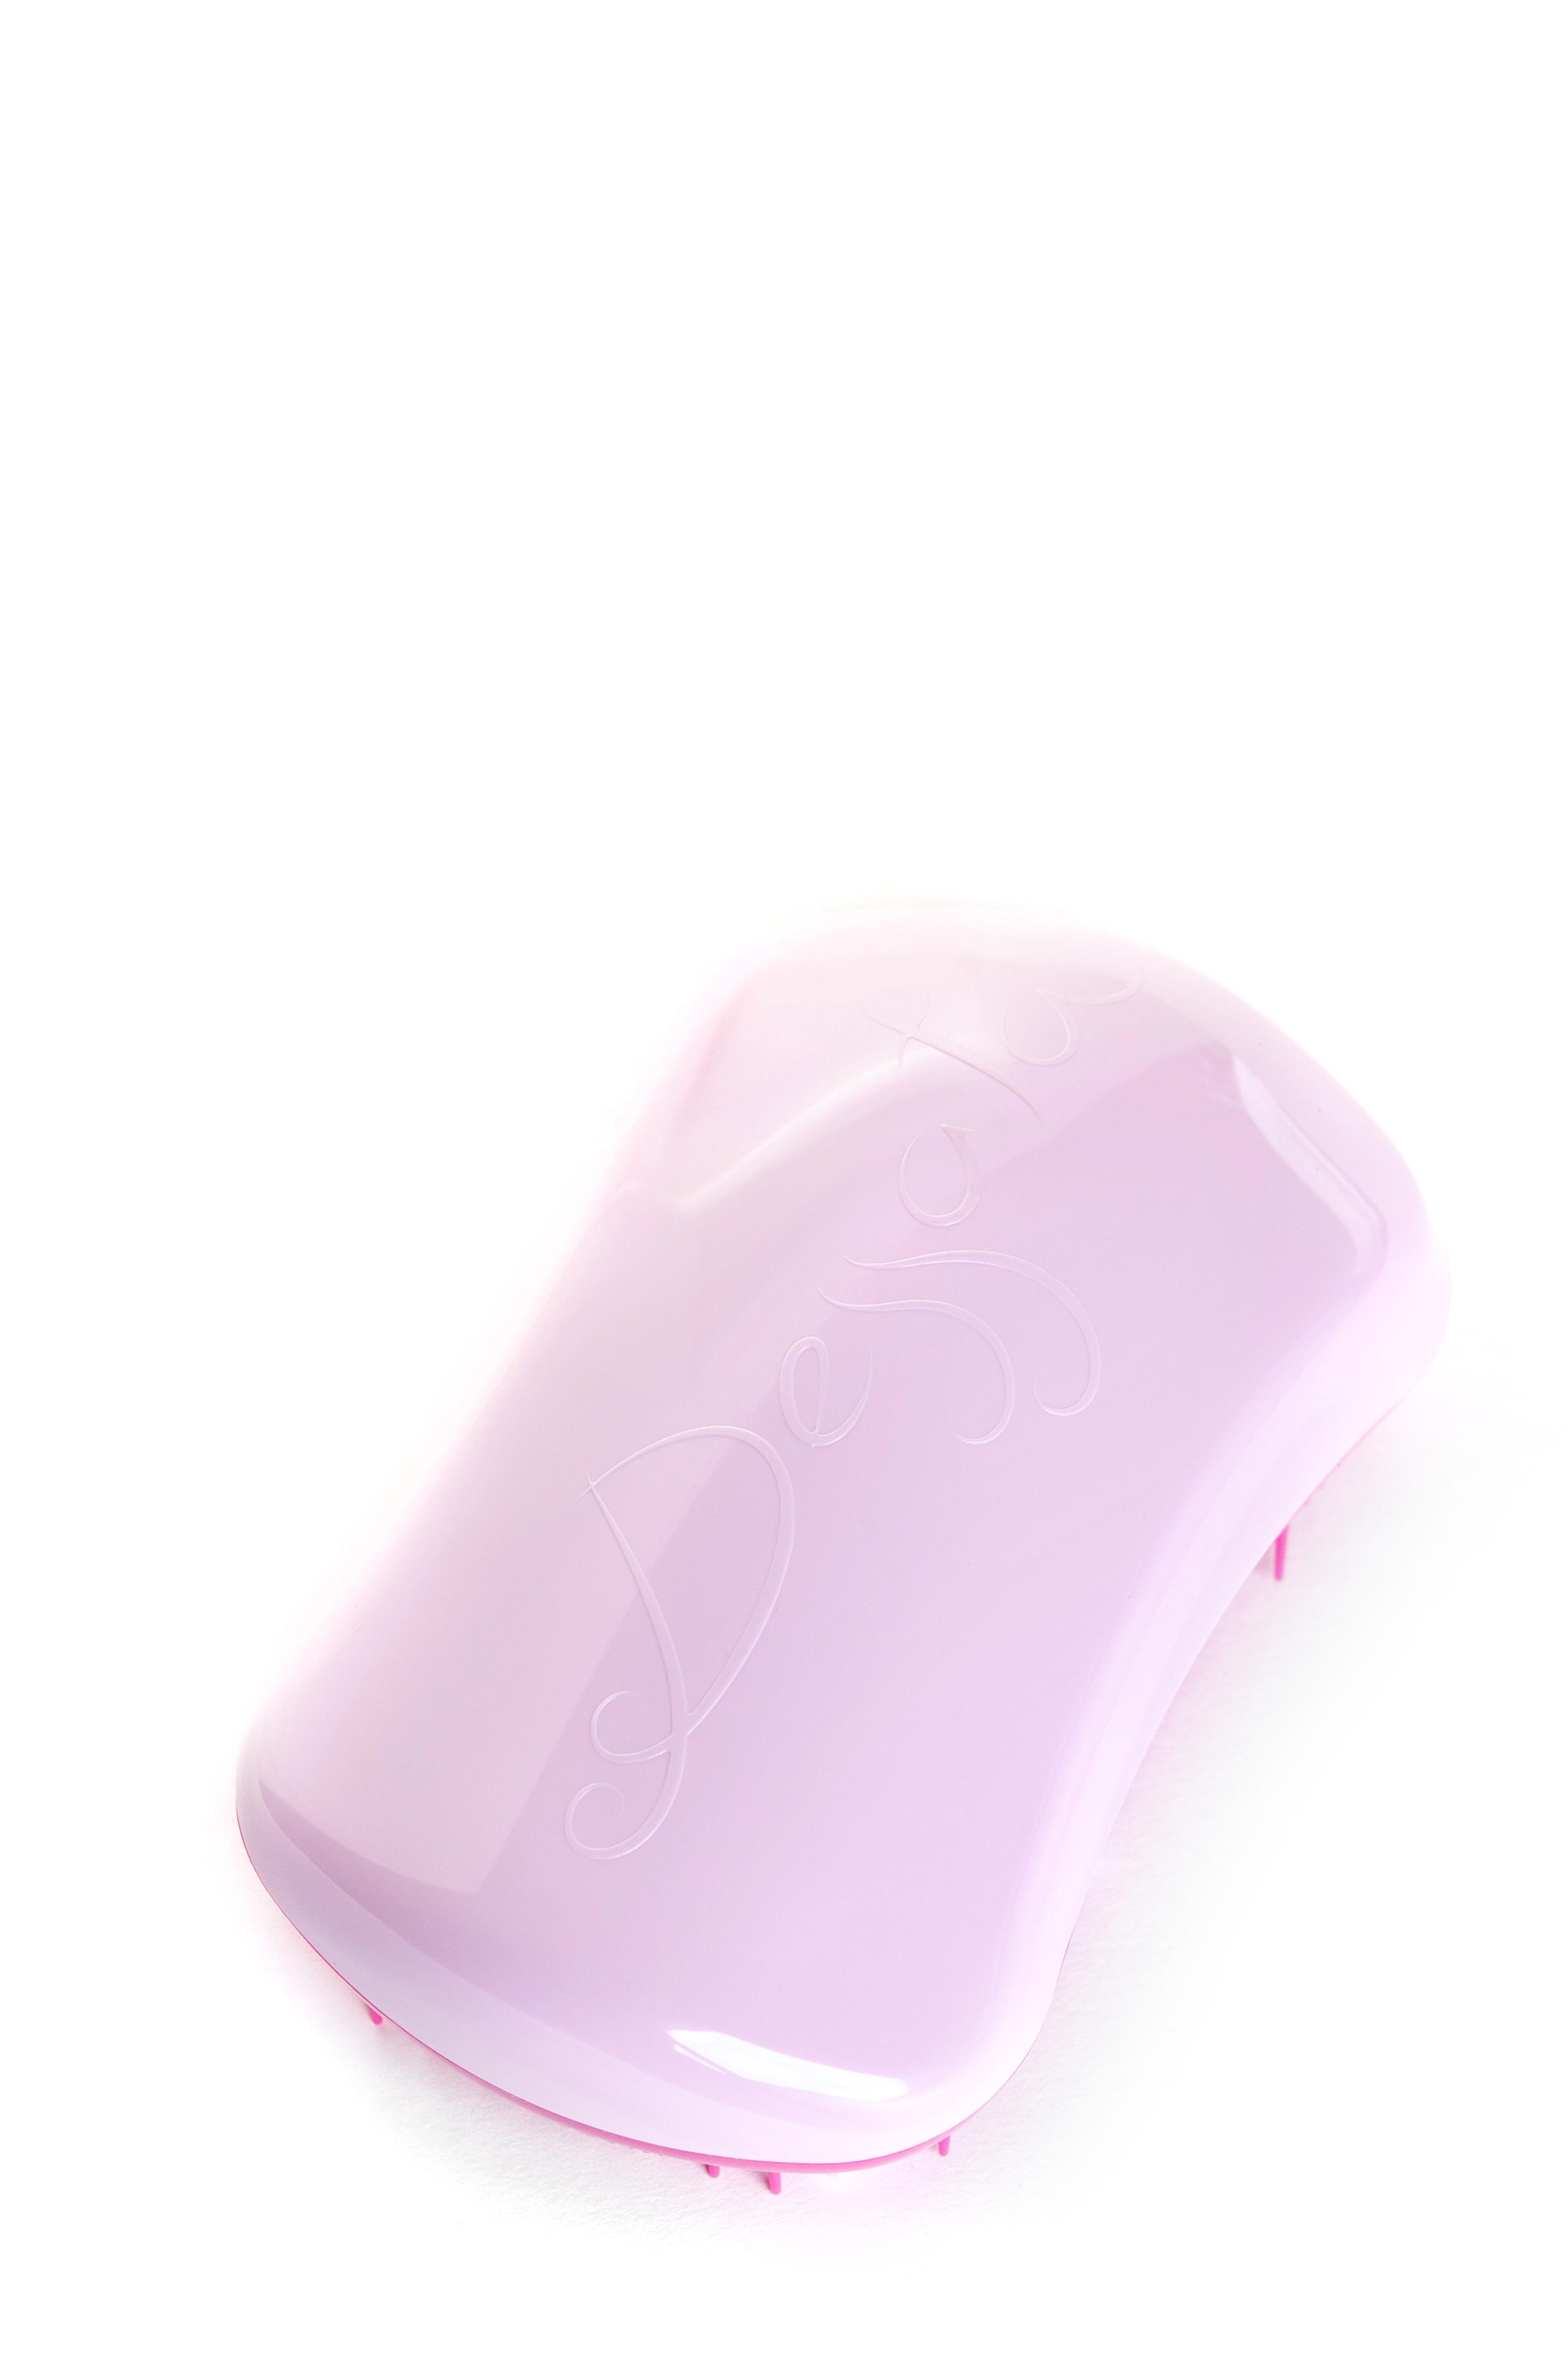 DESSATA Расческа для волос Dessata Hair Brush Original Pink-Fuchsia; Розовый-ФуксияРасчески<br>Расческа Dessata Original быстро и легко расчесывает волосы, не требует использования дополнительных средств. Специальная конструкция расчески исключает спутывание и повреждение волос. Dessata подходит для всех типов волос. 440 зубчиков разной длины бережно расчесывают даже самые спутанные волосы не травимруя их. Благодаря эргономичному дизайну расческа удобно лежит в руке, повторяя форму голов Материал: гипоаллергенный пластик.<br><br>Типы волос: Для всех типов